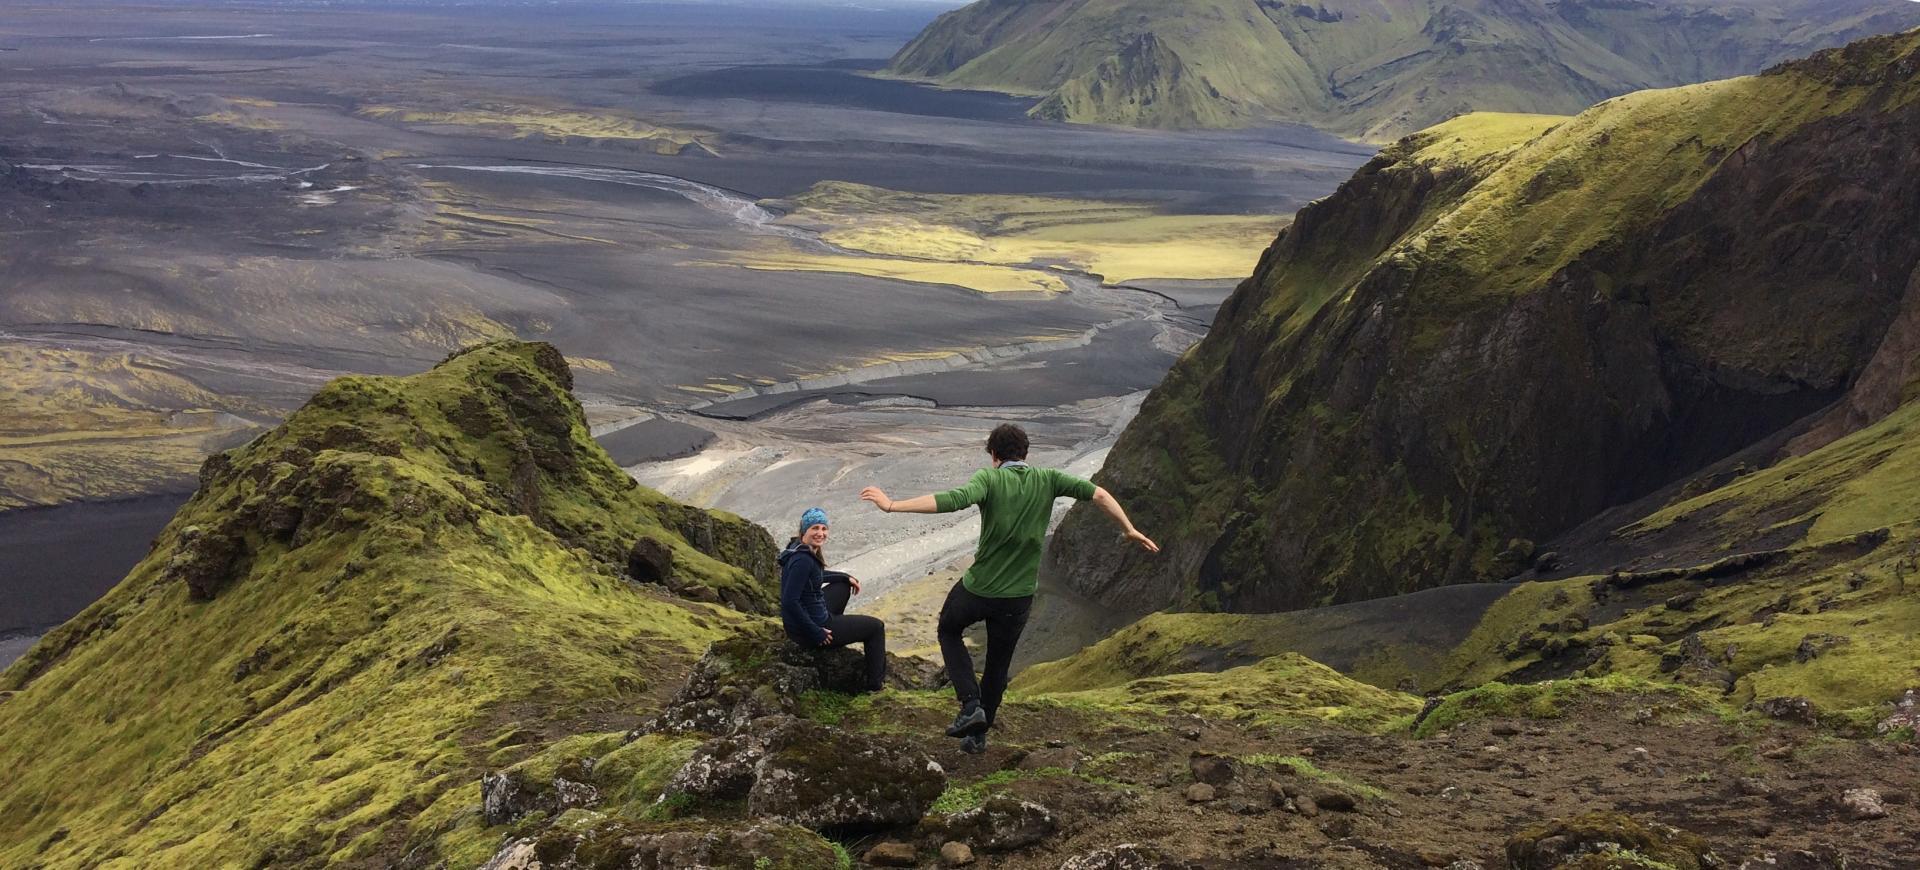 thakgil-islandia-wycieczka